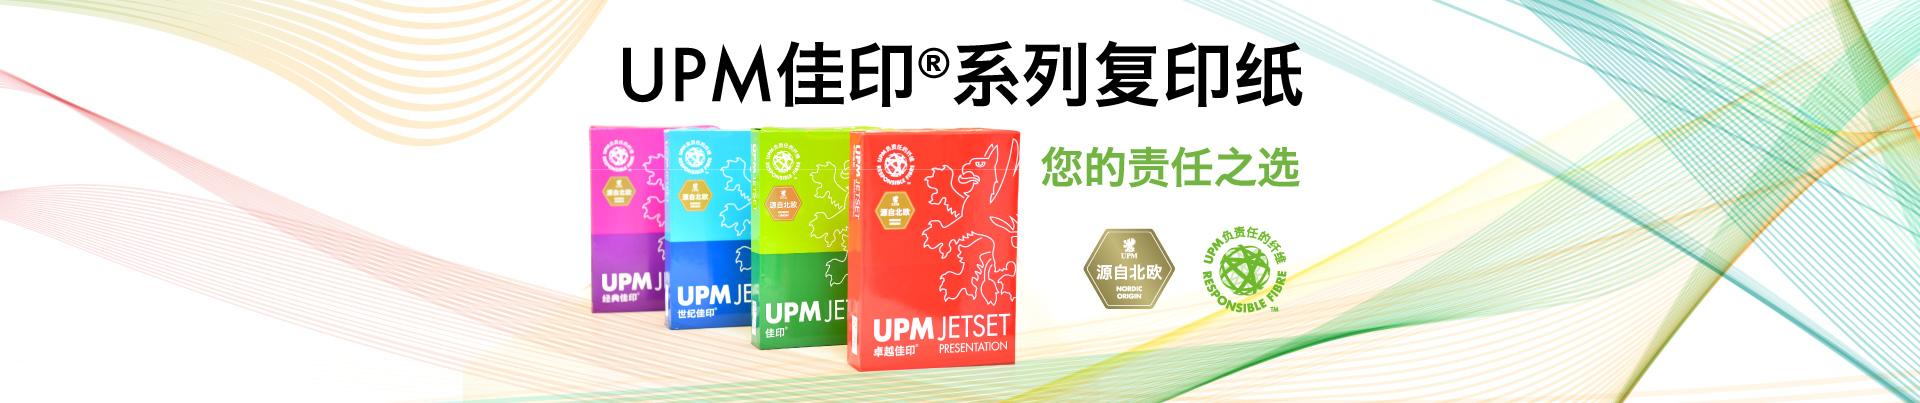 UPM佳印